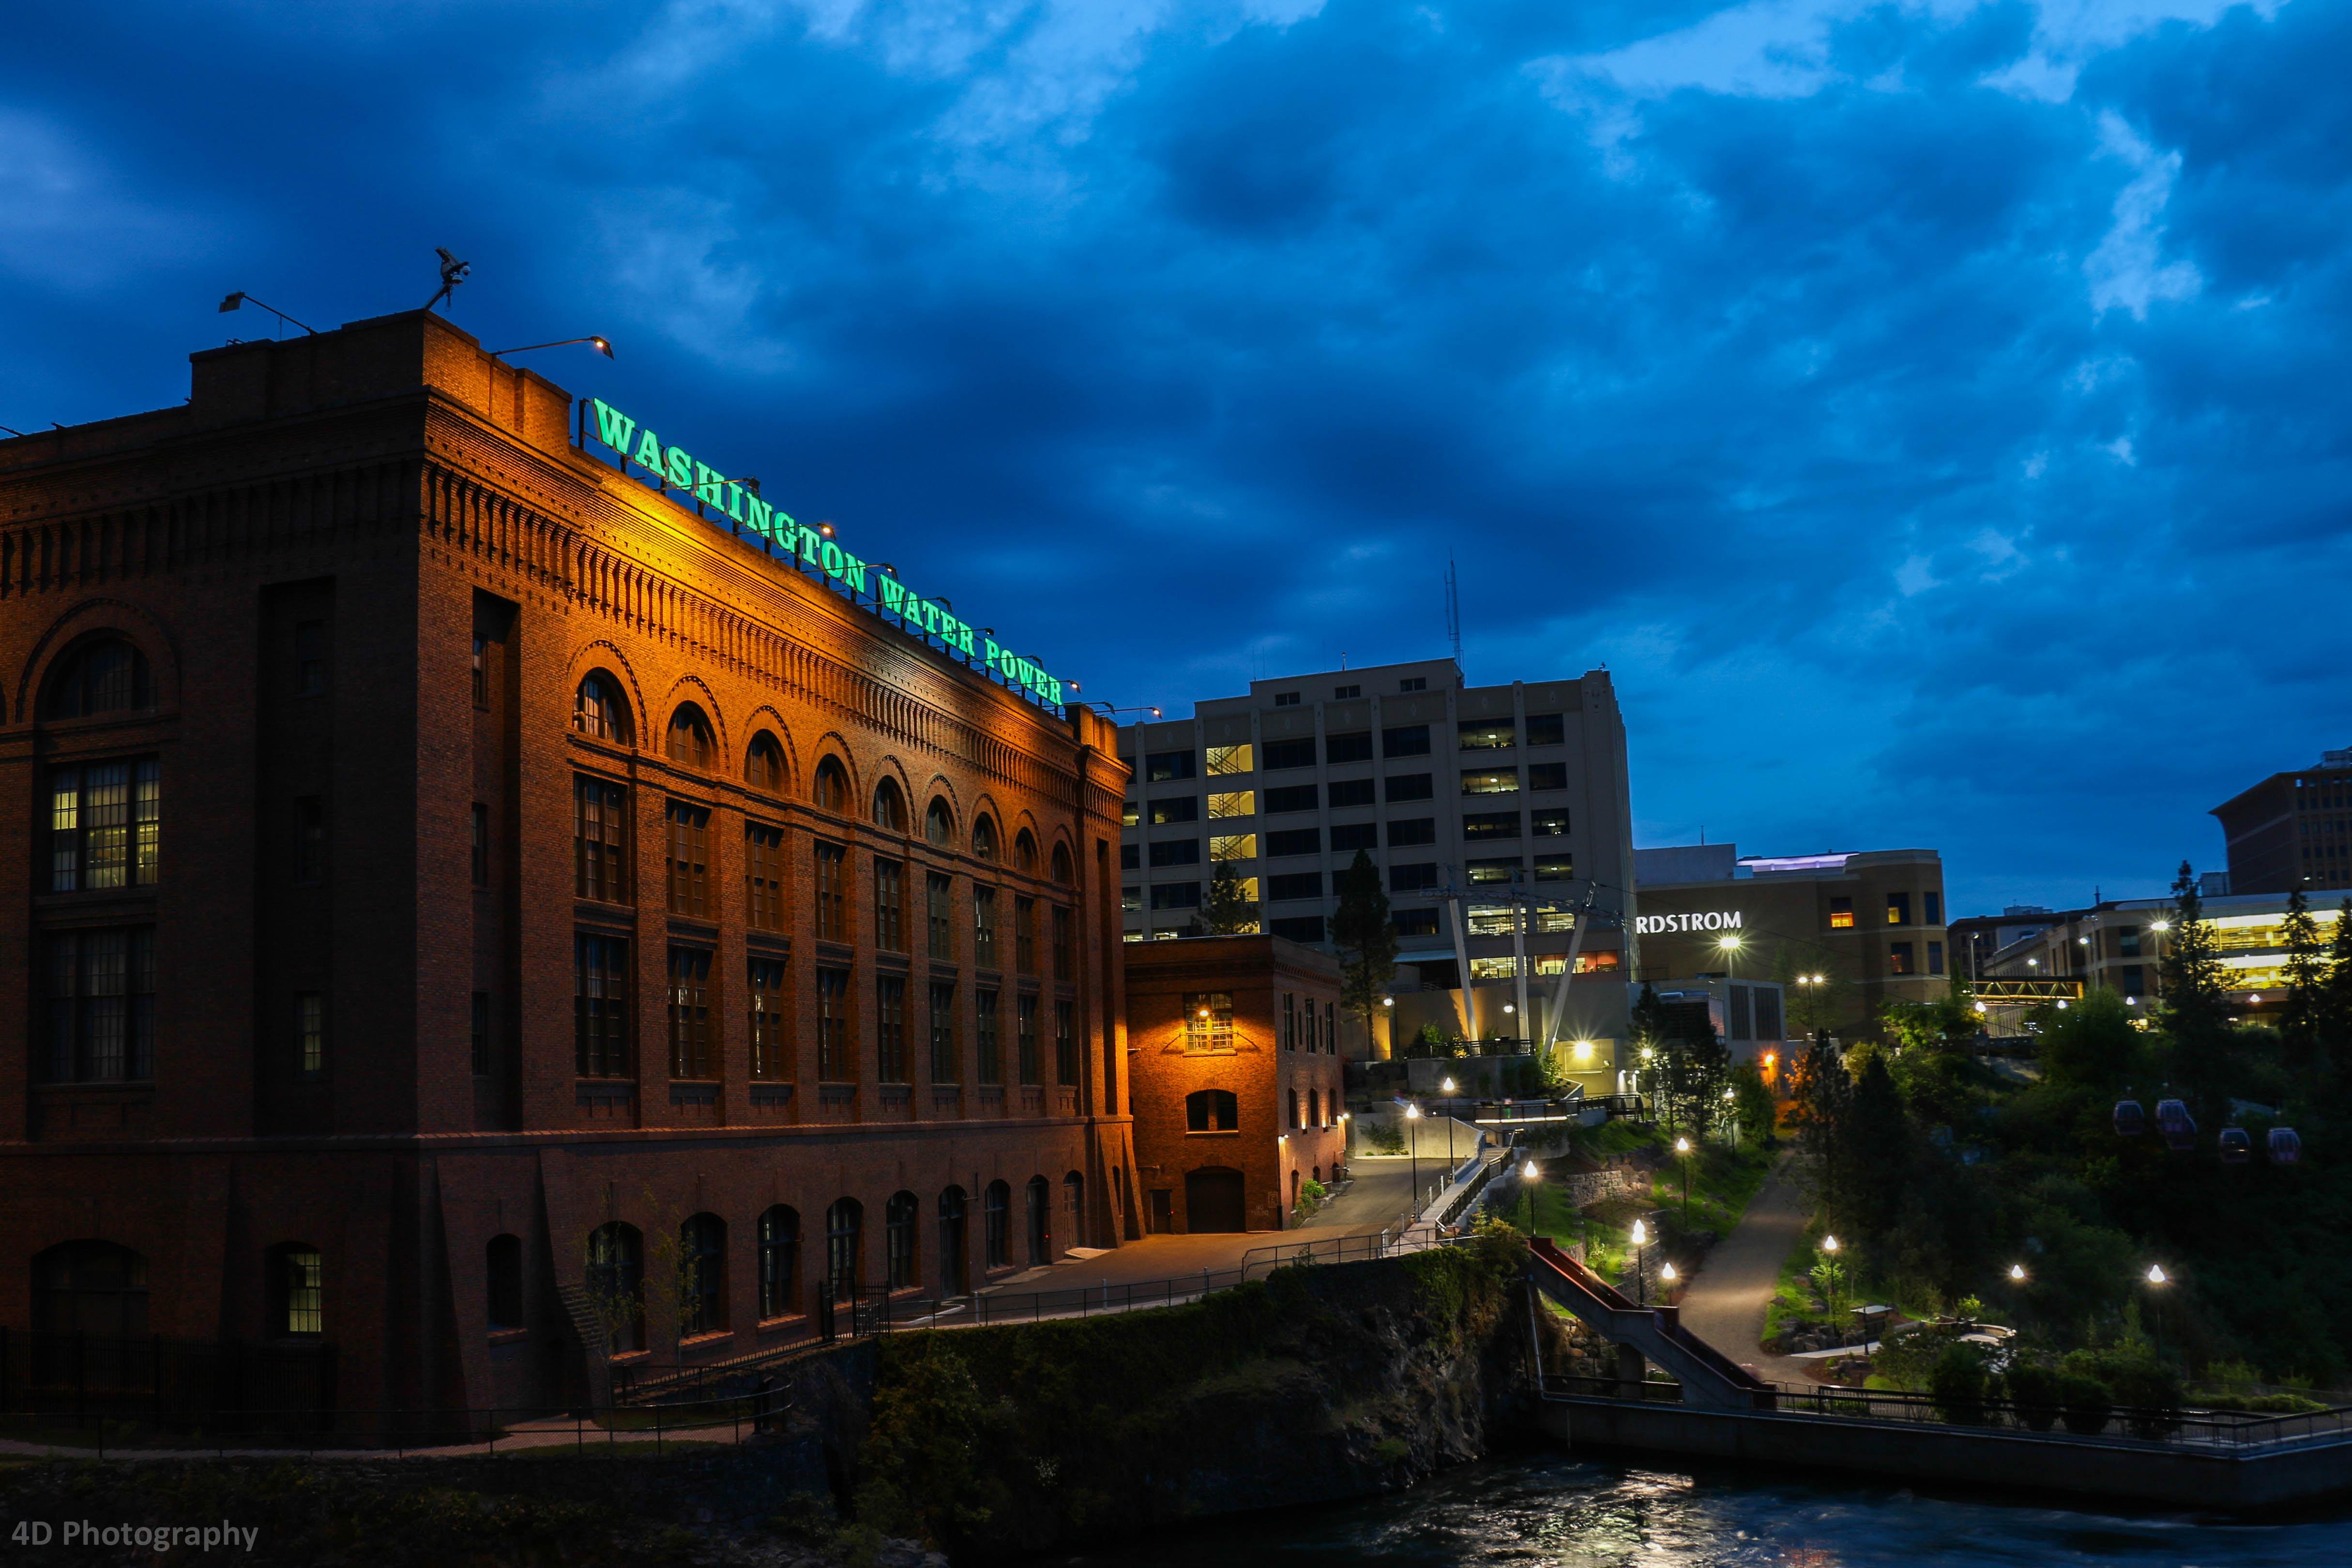 Name : spokane-washington-water-power-by-quaylar-d7jh569-jpg. Resolution : 4859pixels x 3239pixels. Size : 1184.778 KB